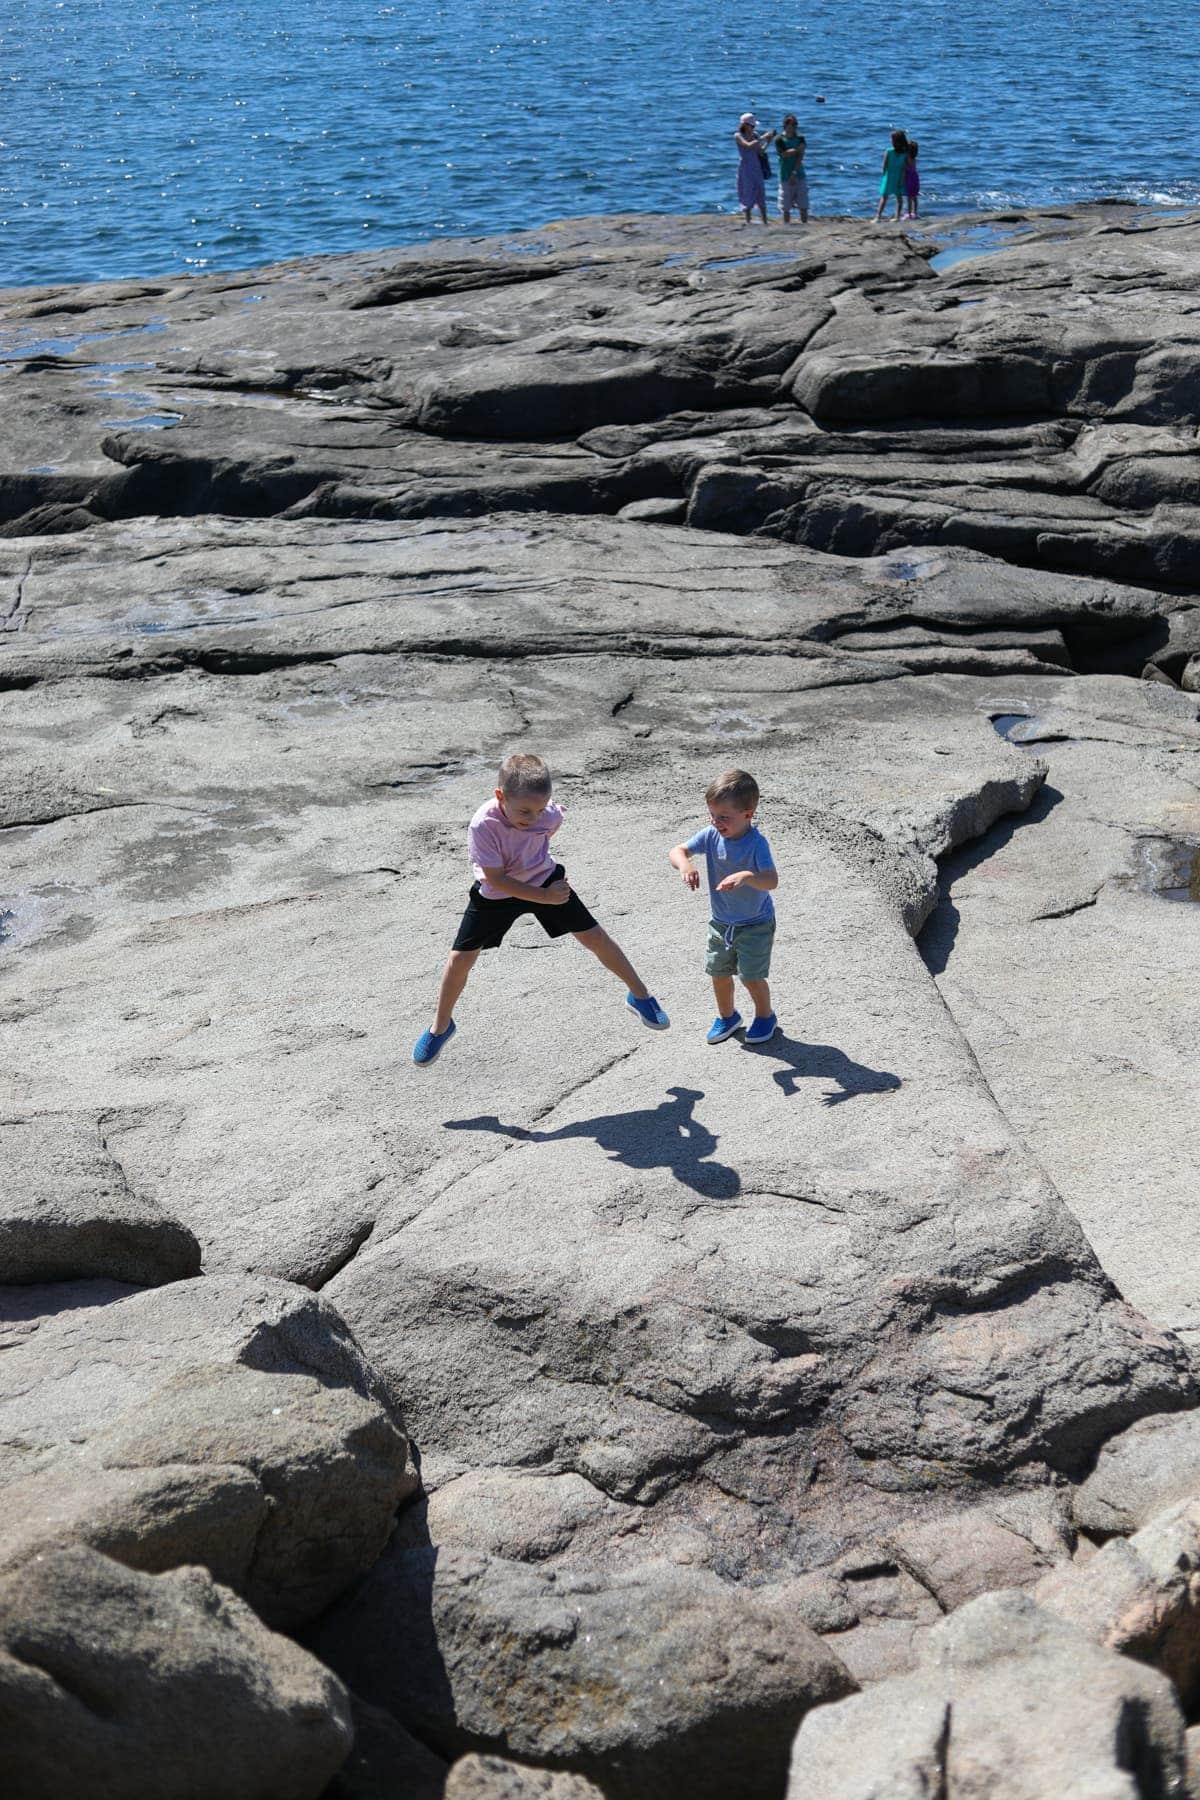 Eddie and Blake on rocks